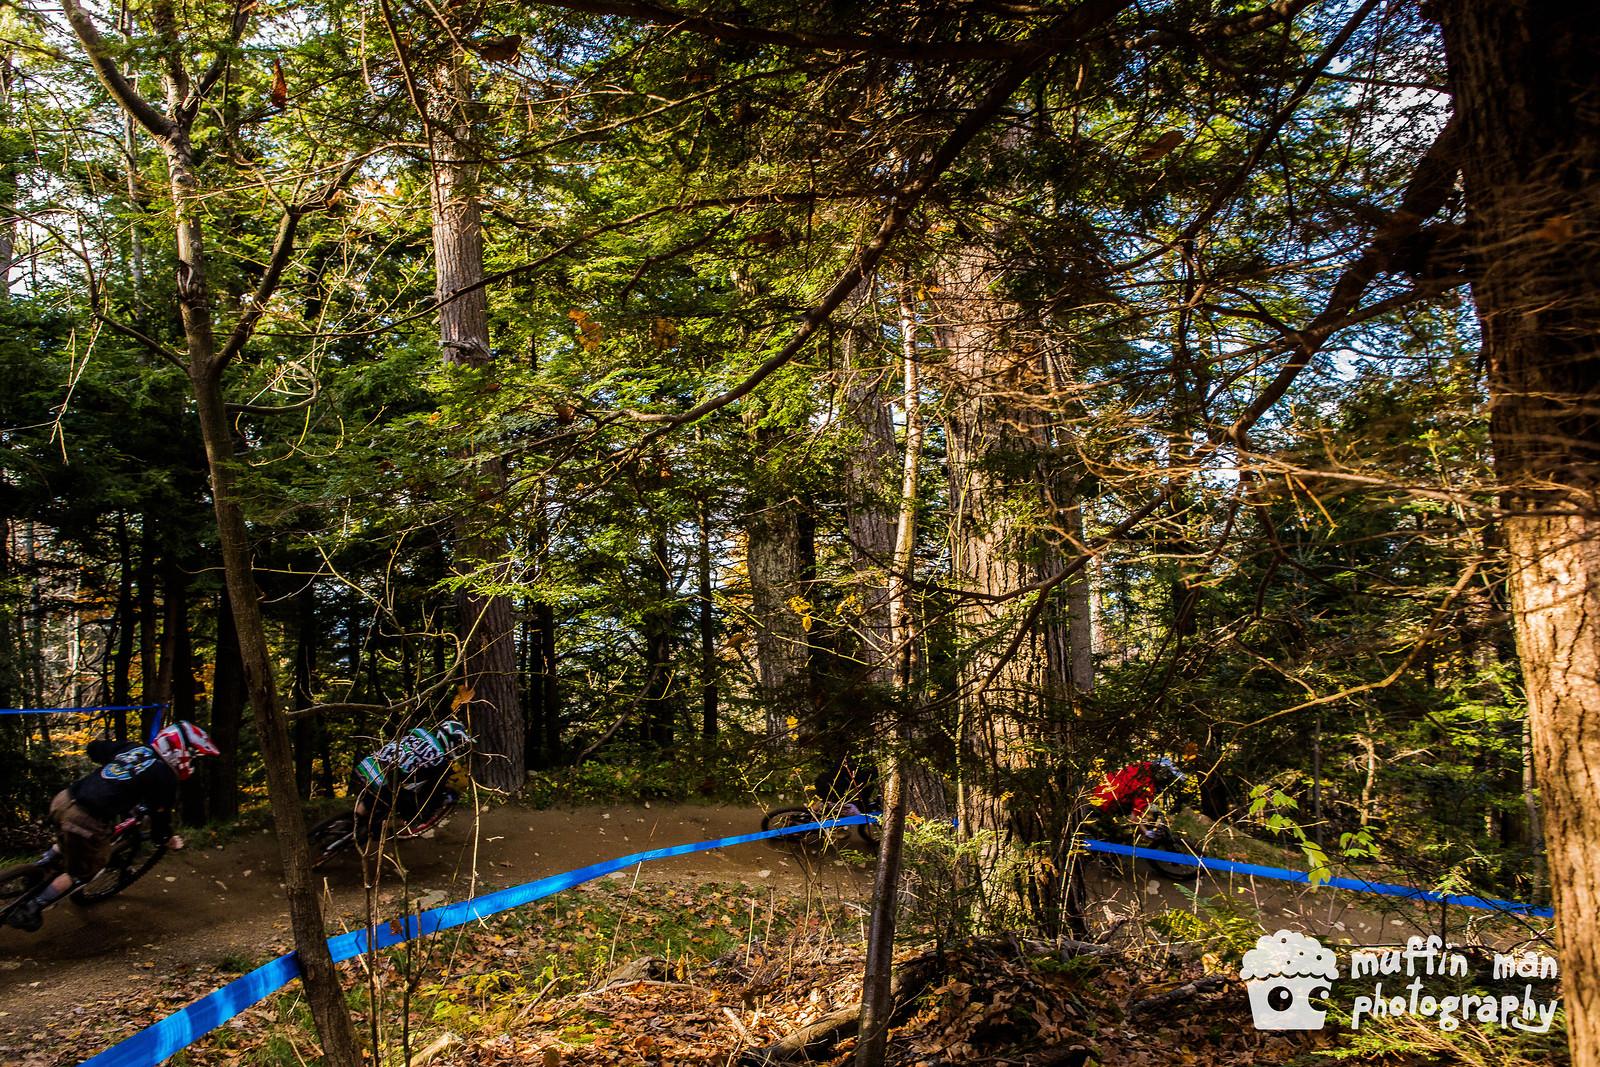 20121021-2I7C0200 - gleb.budilovsky - Mountain Biking Pictures - Vital MTB